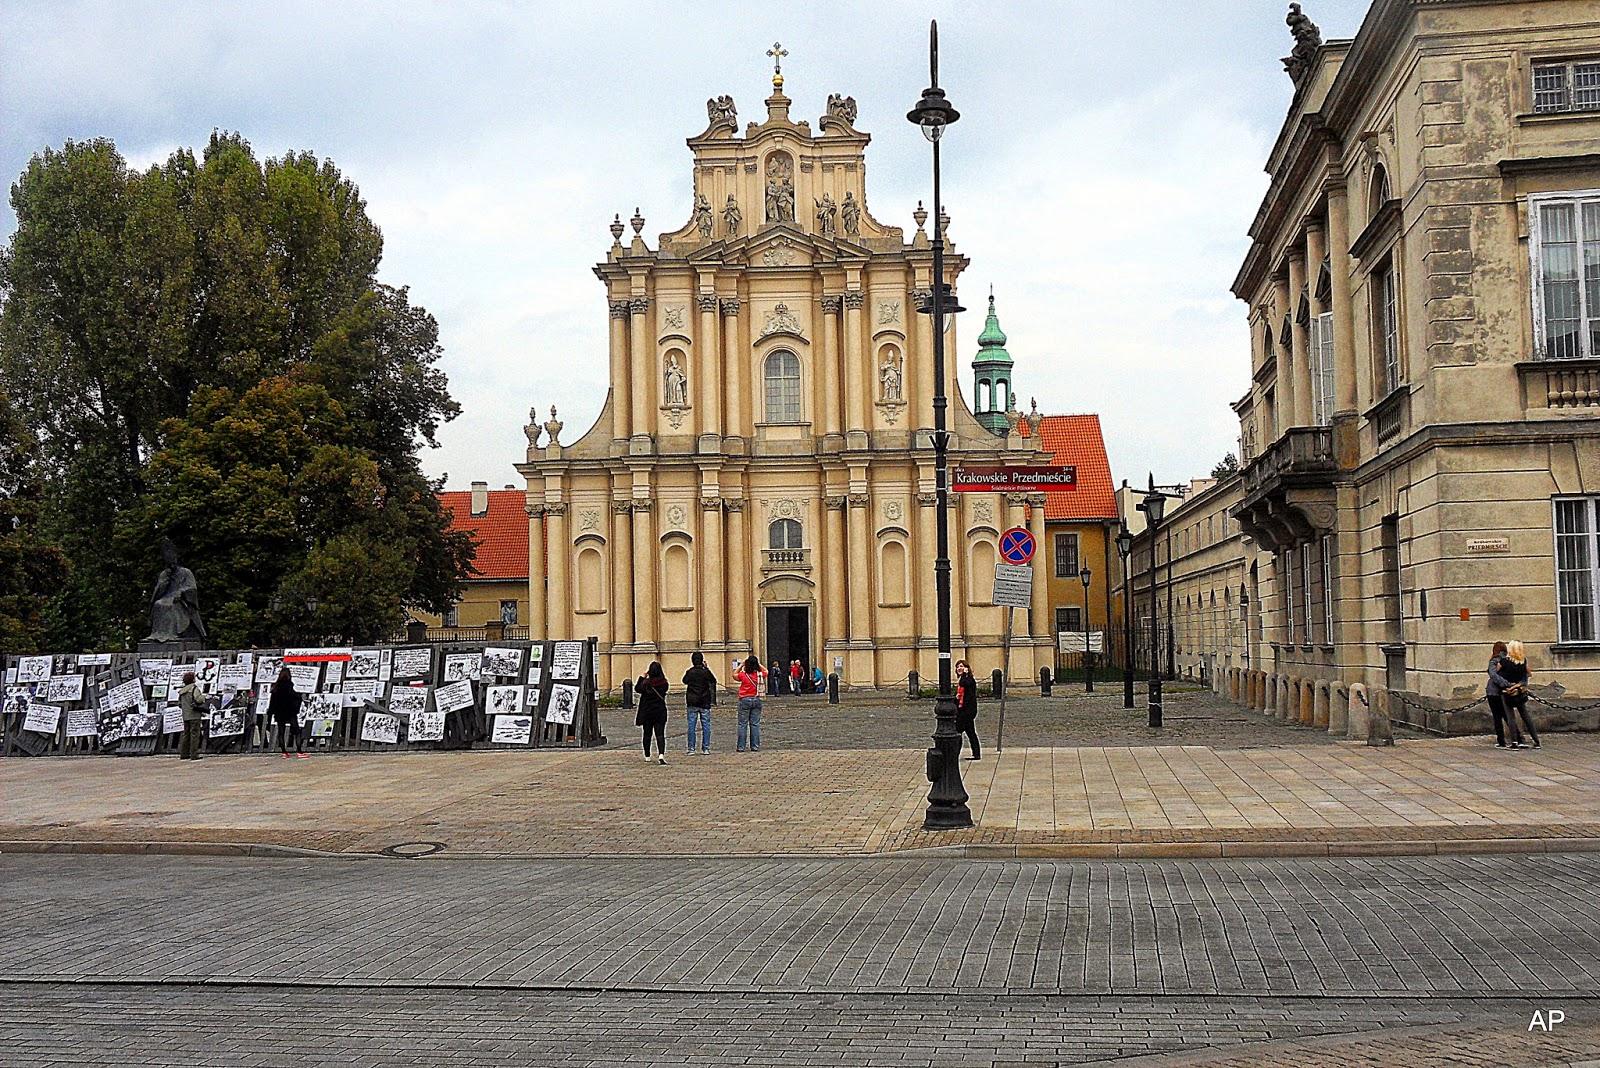 Die frühe neoklassizistische  Fassade der Karmelitenkirche